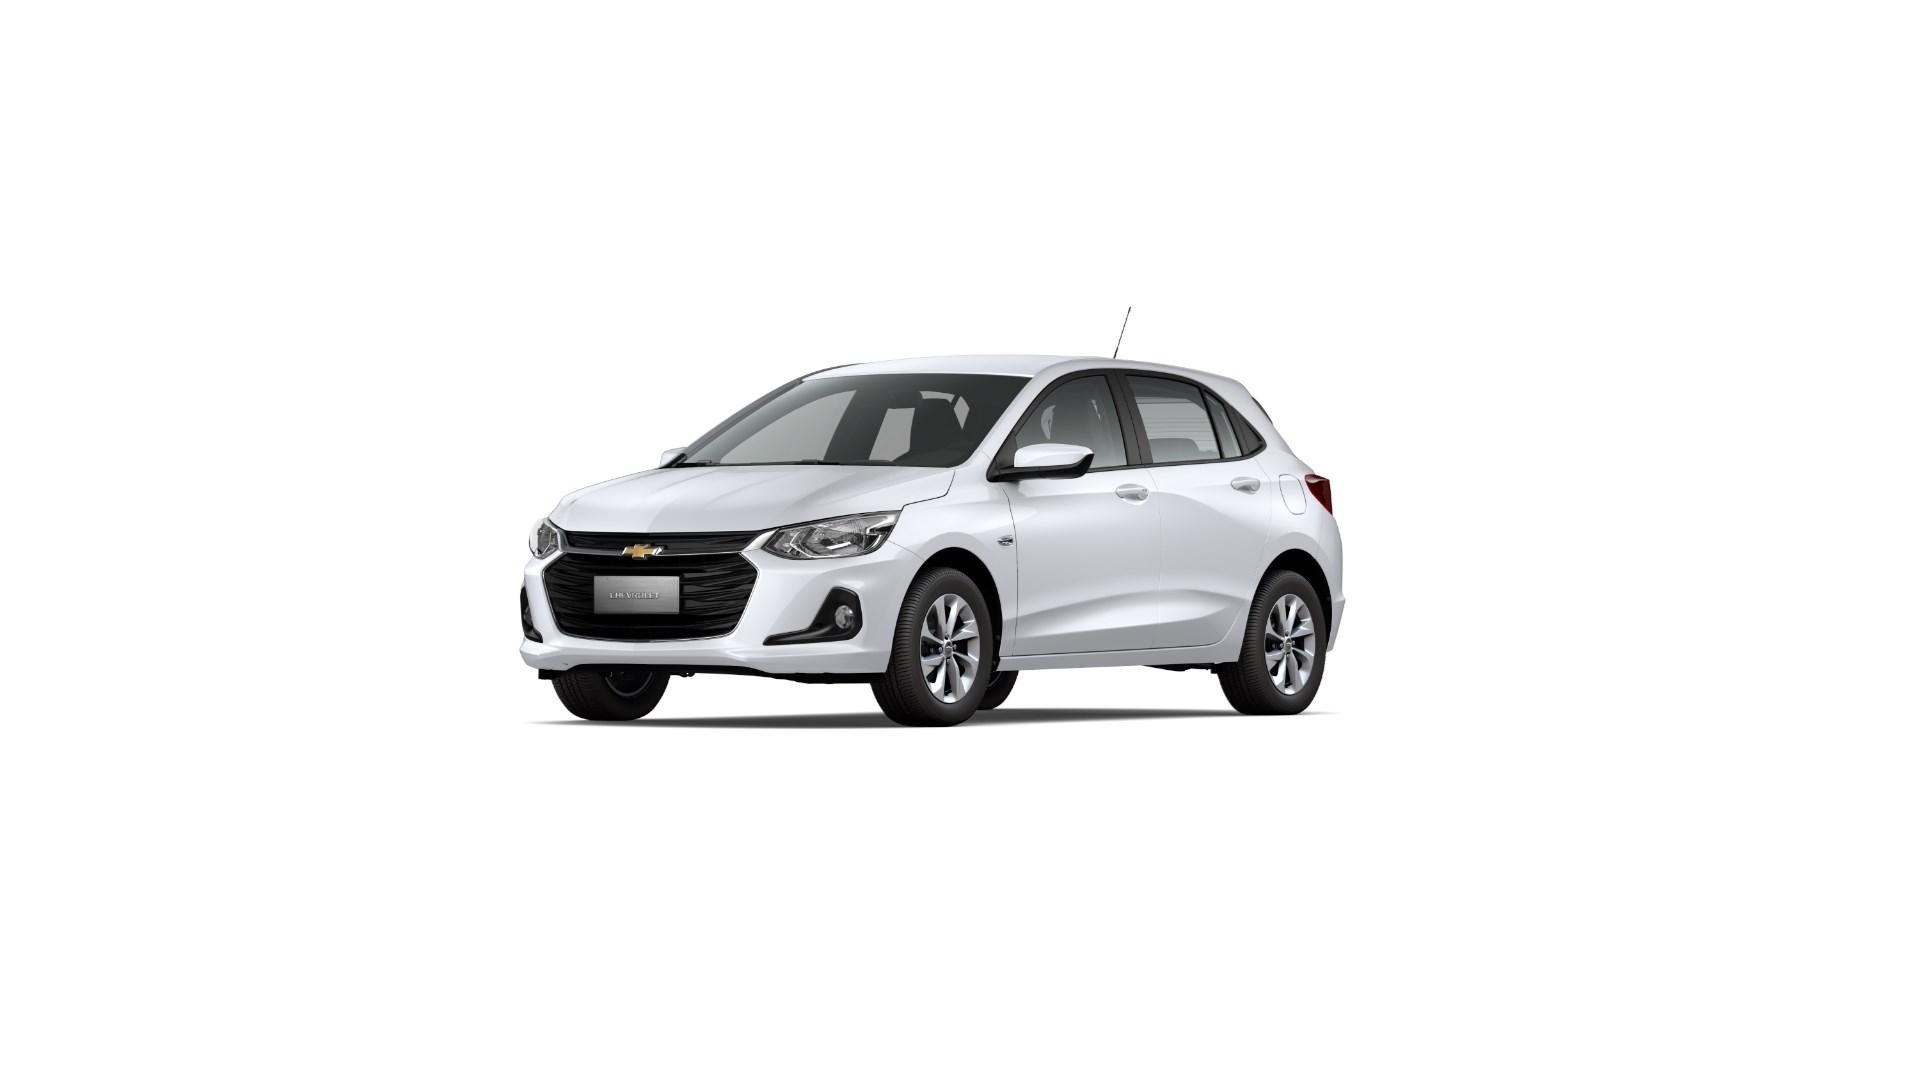 //www.autoline.com.br/carro/chevrolet/onix-10-turbo-lt-12v-flex-4p-automatico/2020/pelotas-rs/12953603